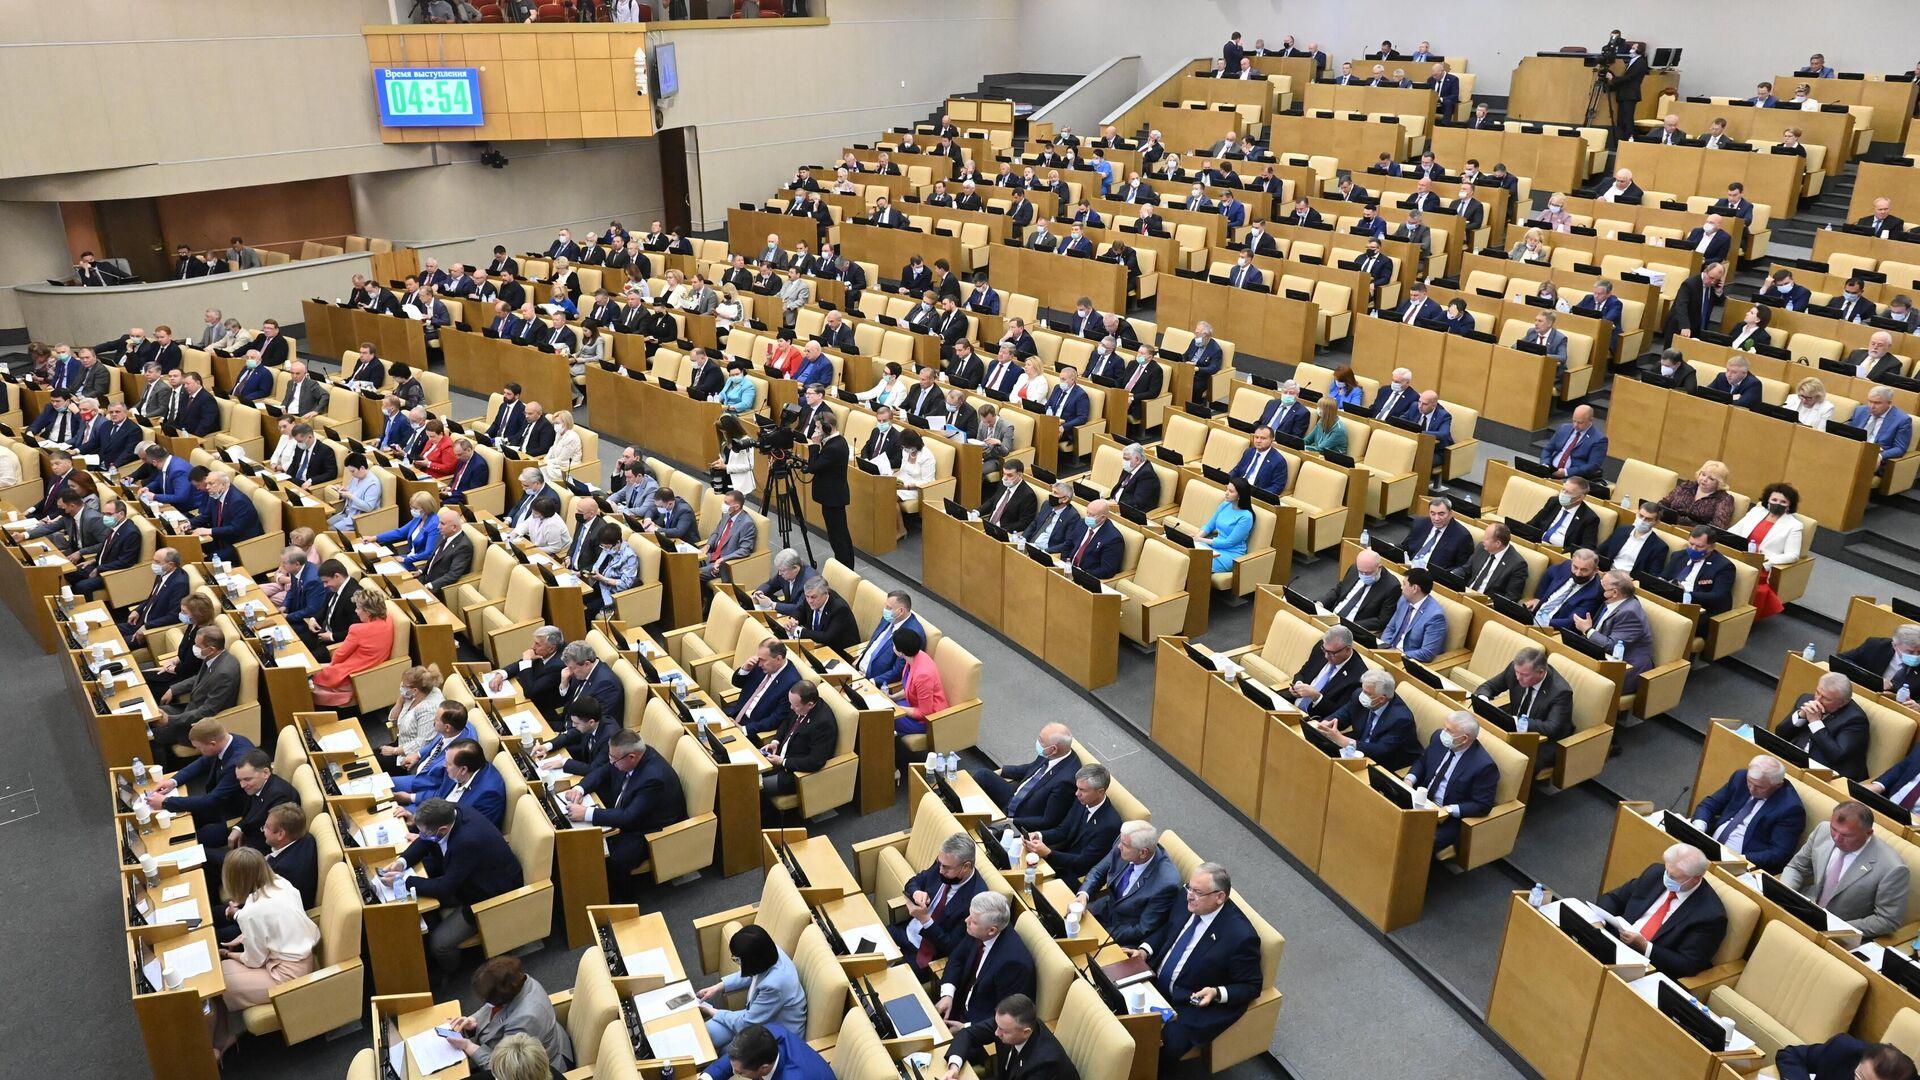 Депутаты на пленарном заседании Госдумы РФ - Sputnik Латвия, 1920, 23.09.2021